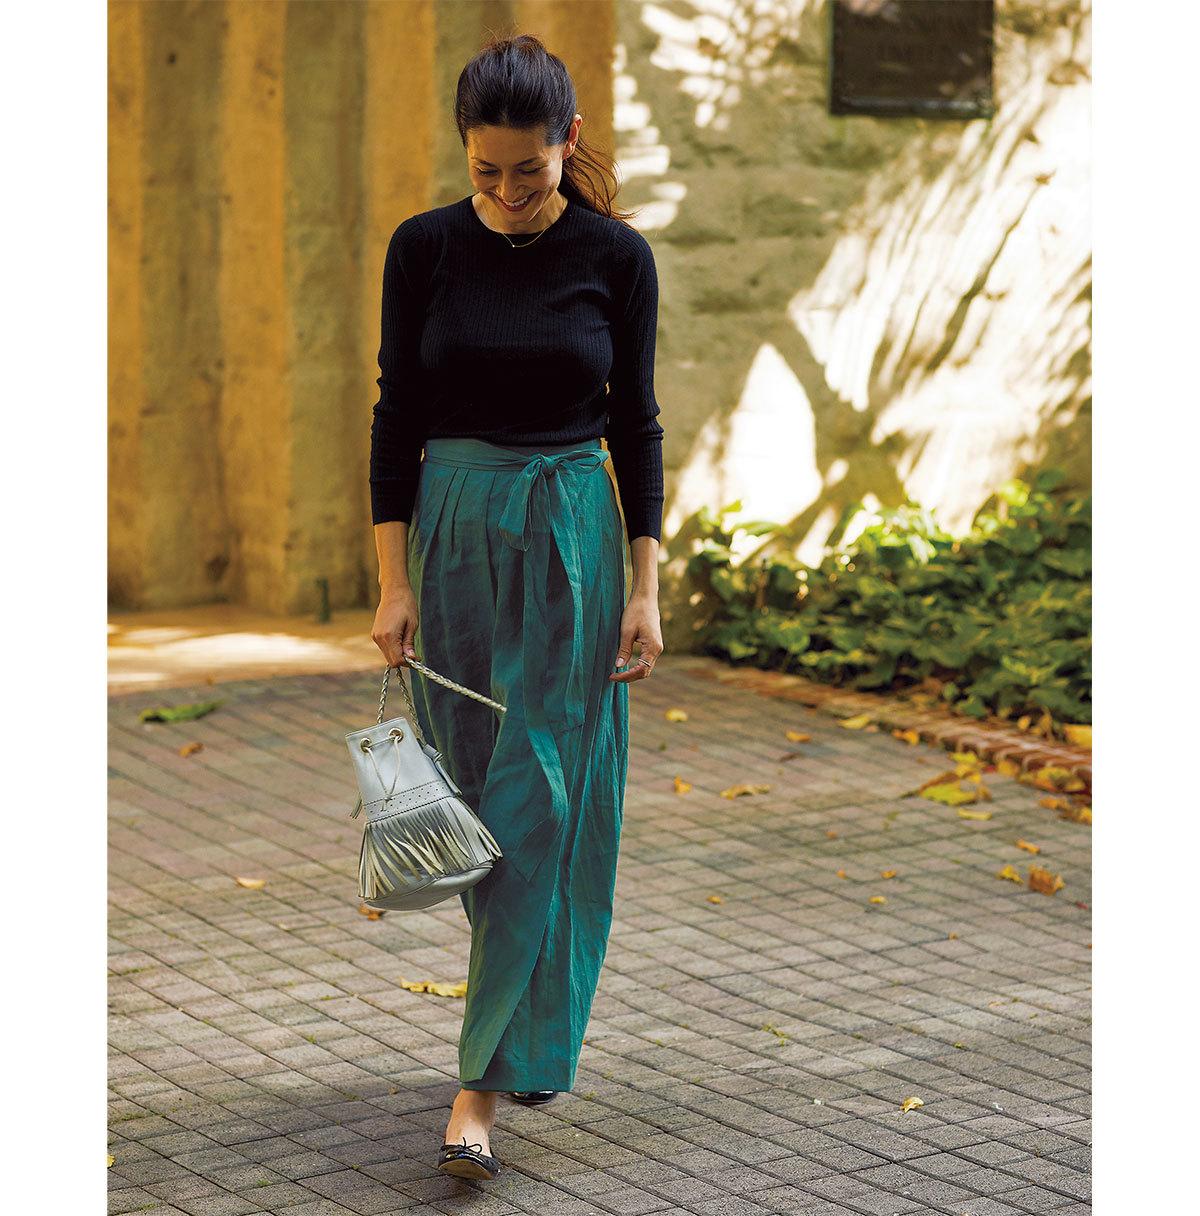 「 rei.」×ブレンダ話題のコラボアイテムから「シャツドレス」「リネンラップスカート」に注目!_1_1-4